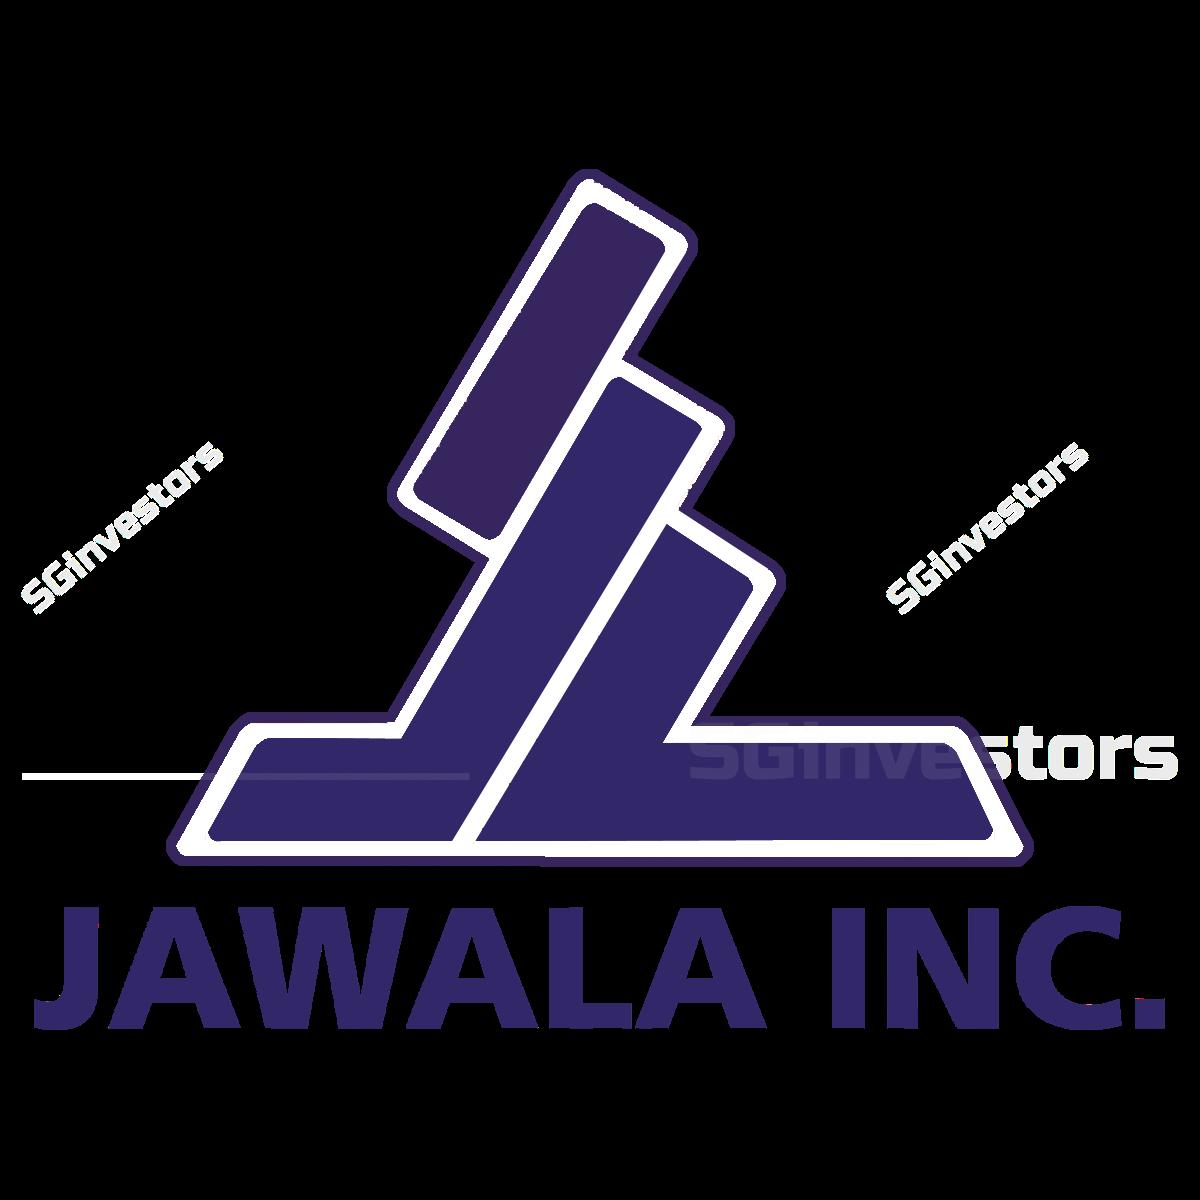 Jawala Inc. - DBS Vickers 2018-05-28: Ipo Factsheet